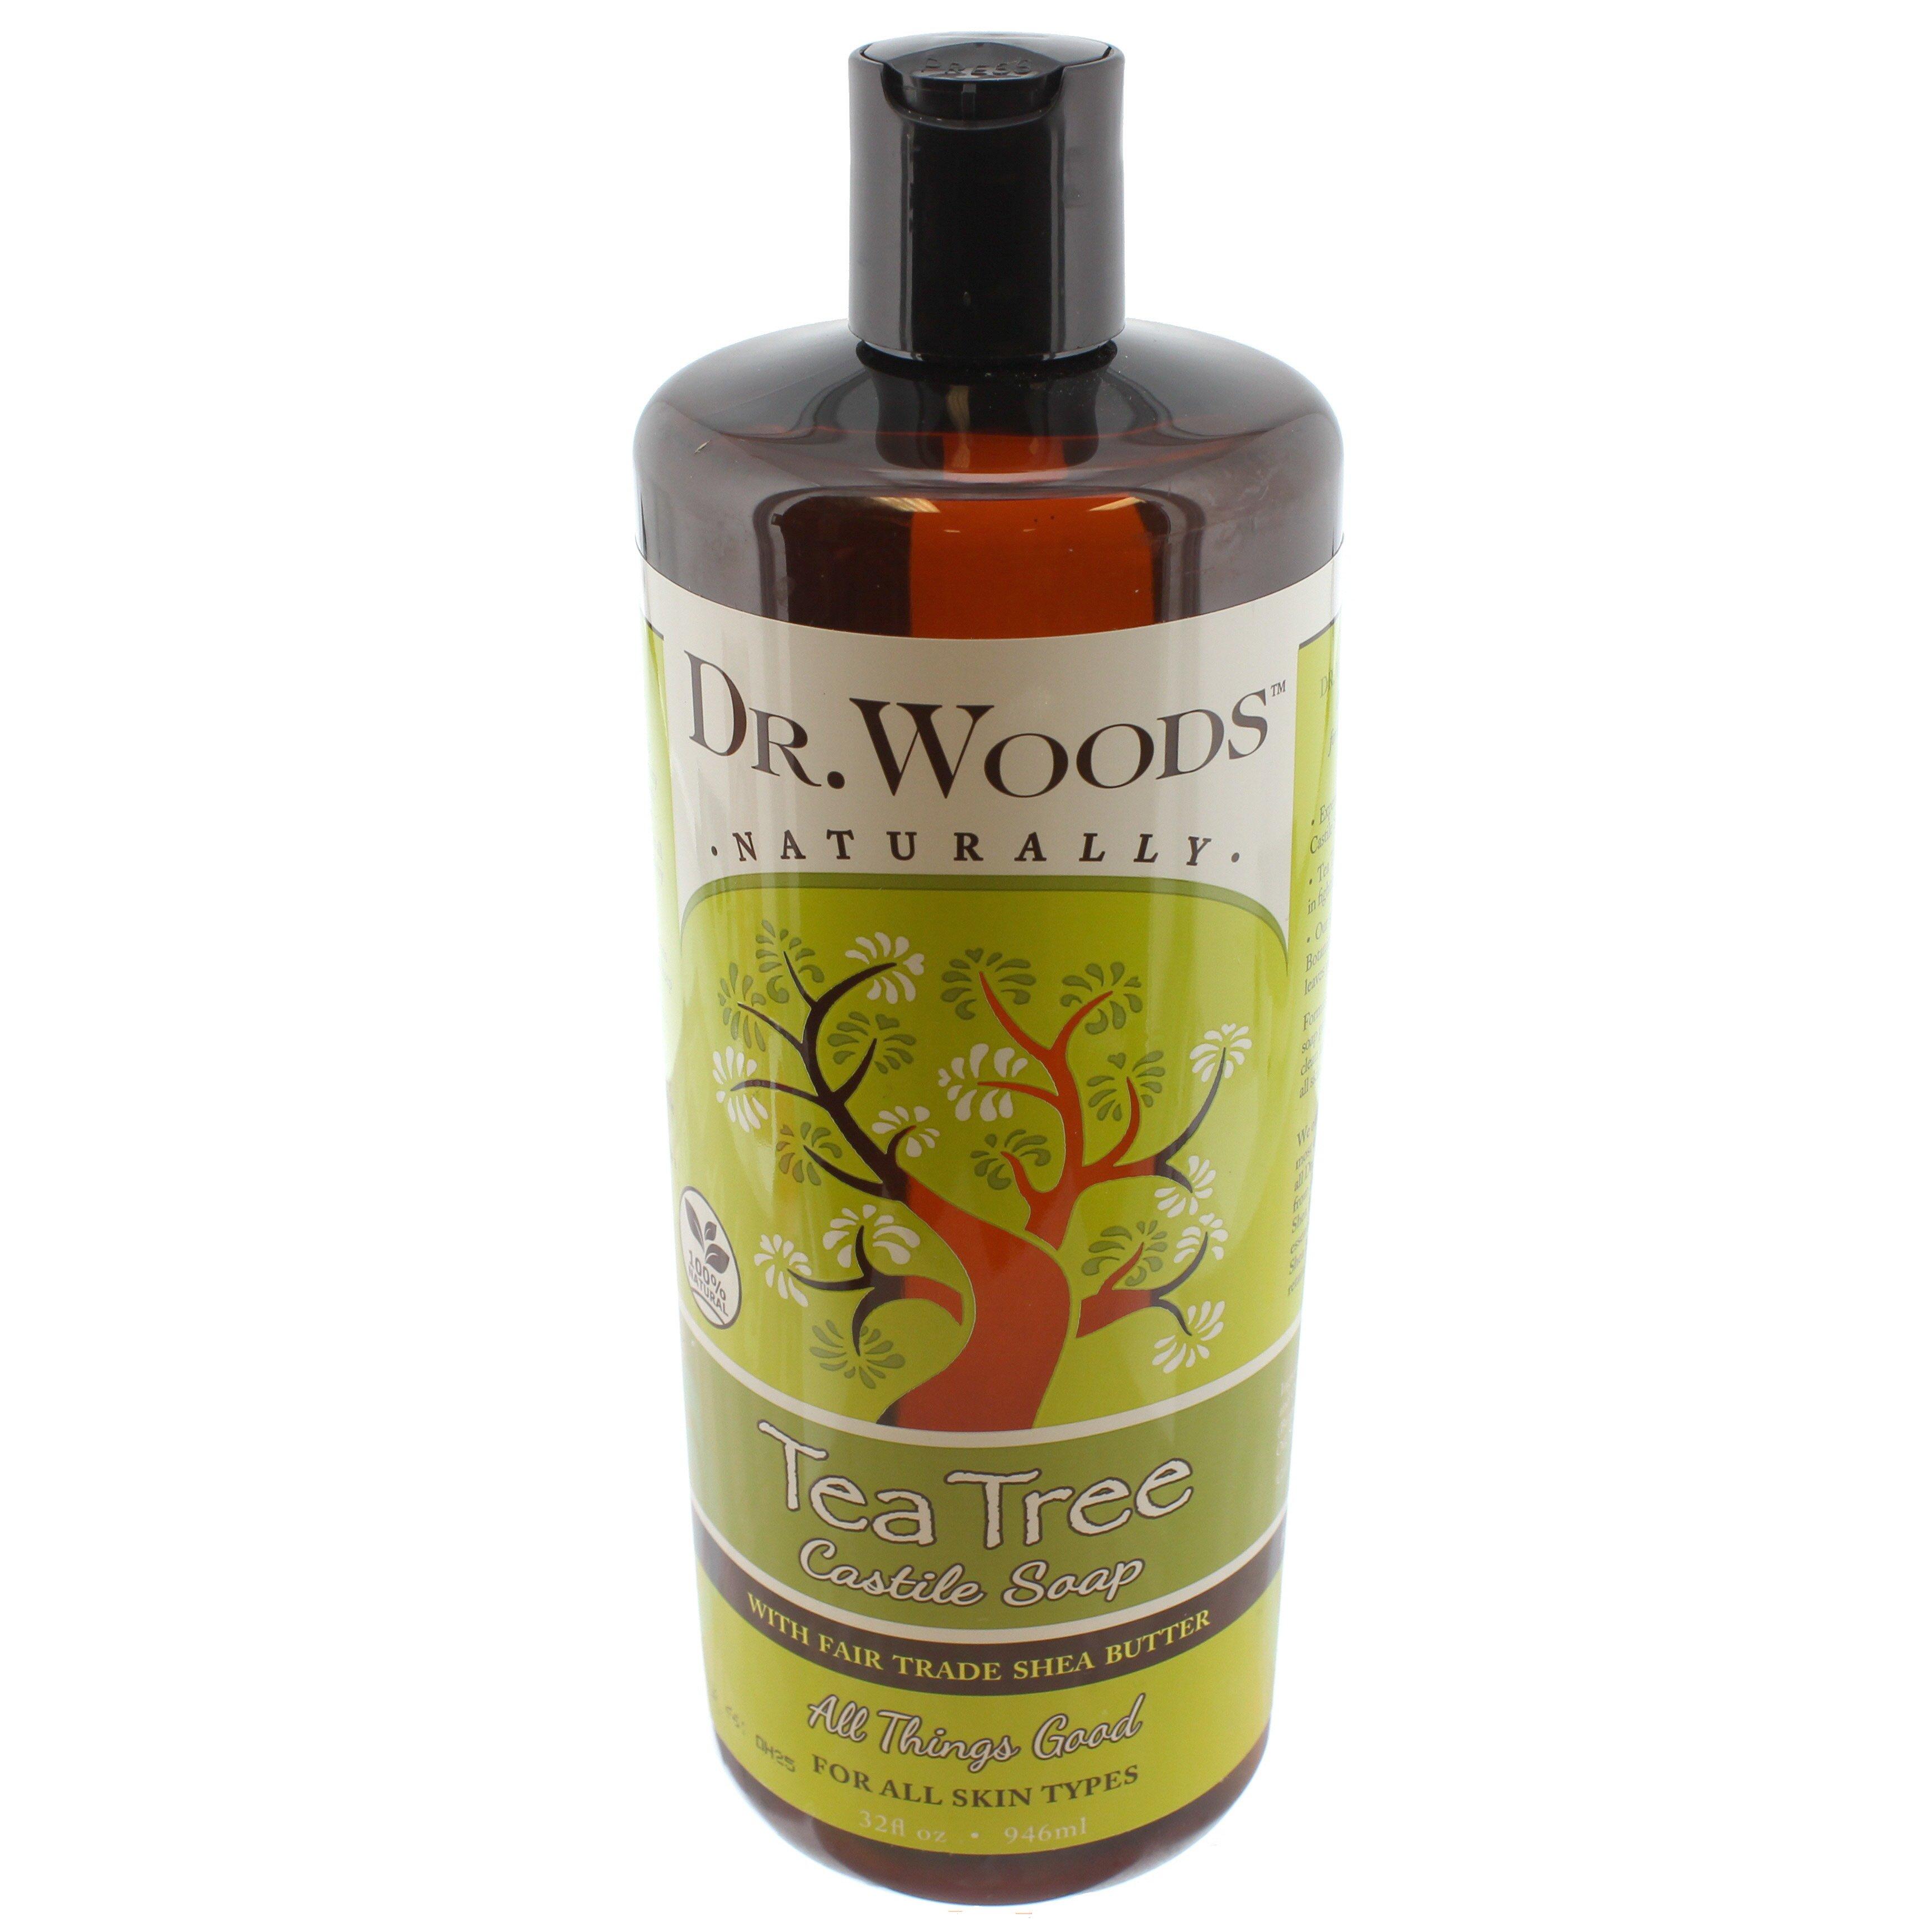 Dr. Woods Tea Tree Castile Soap - Shop ...